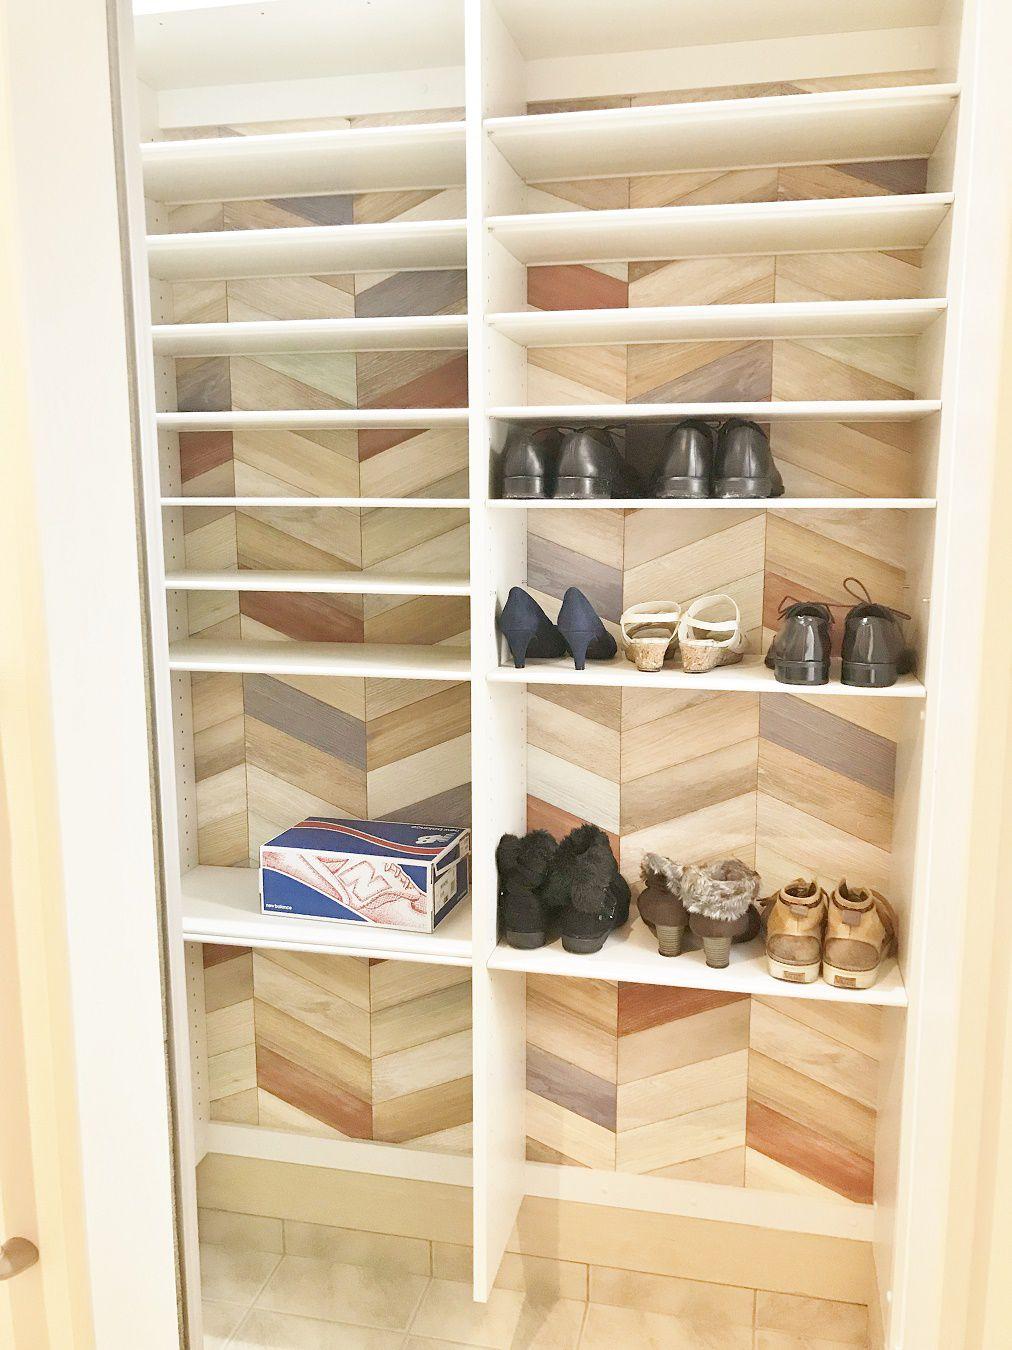 靴やブーツなどたっぷりと収納ができます。また、使っていくうちに白のクロスだと汚れが気になる!という方には、柄のあるクロスを選ぶと汚れが目立ちにくいですよ。